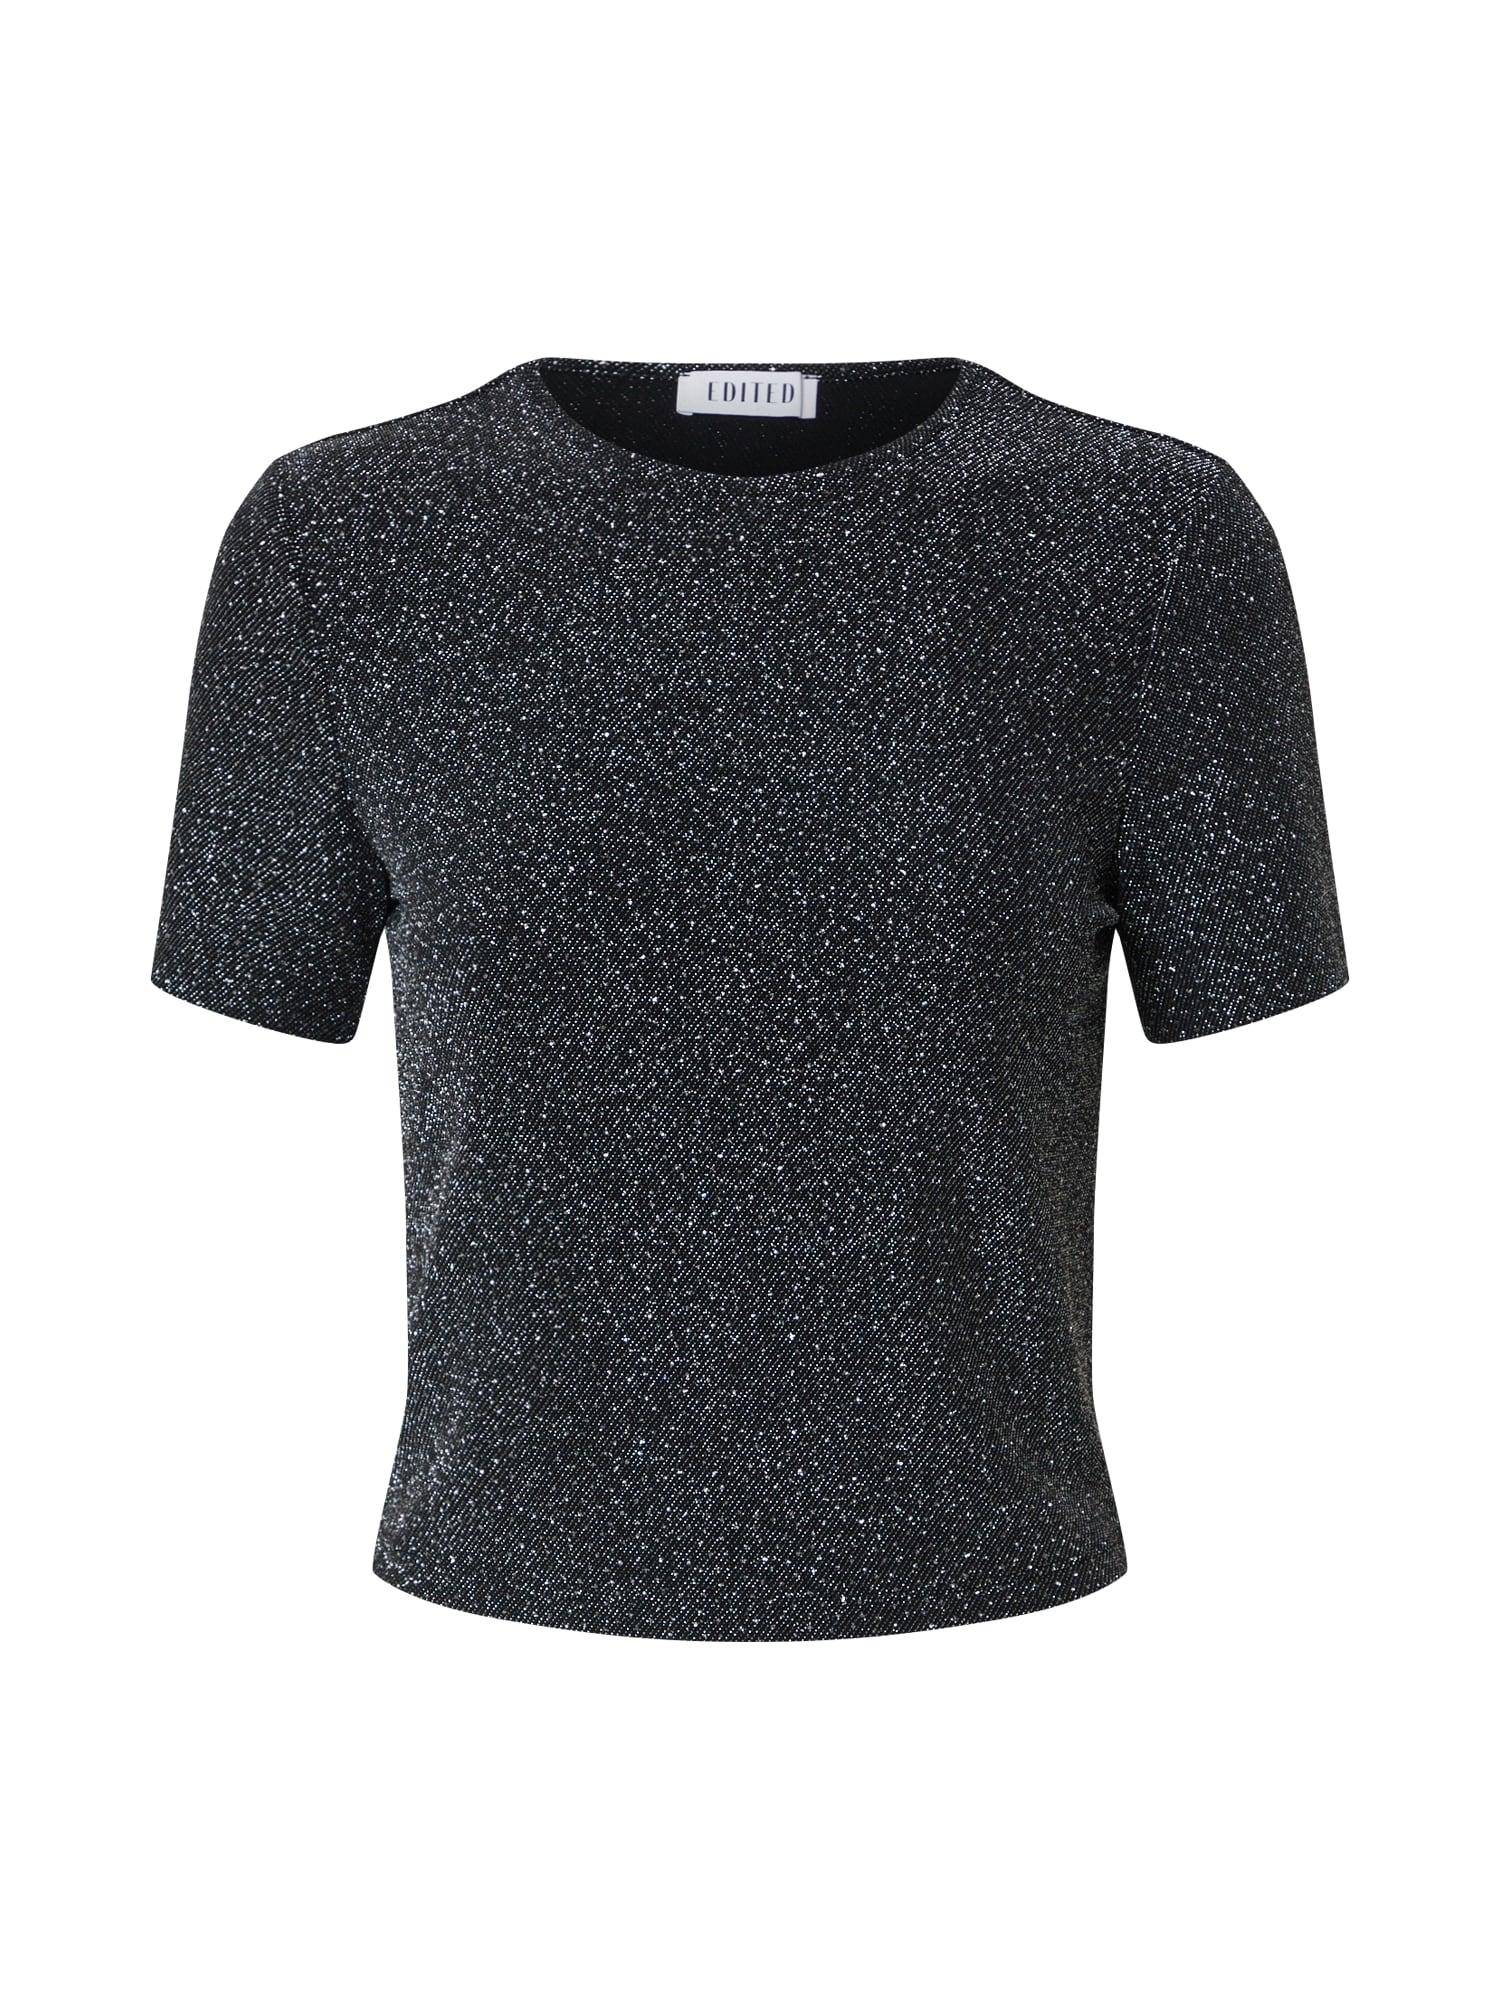 EDITED Marškinėliai 'Berta' sidabras / pilka